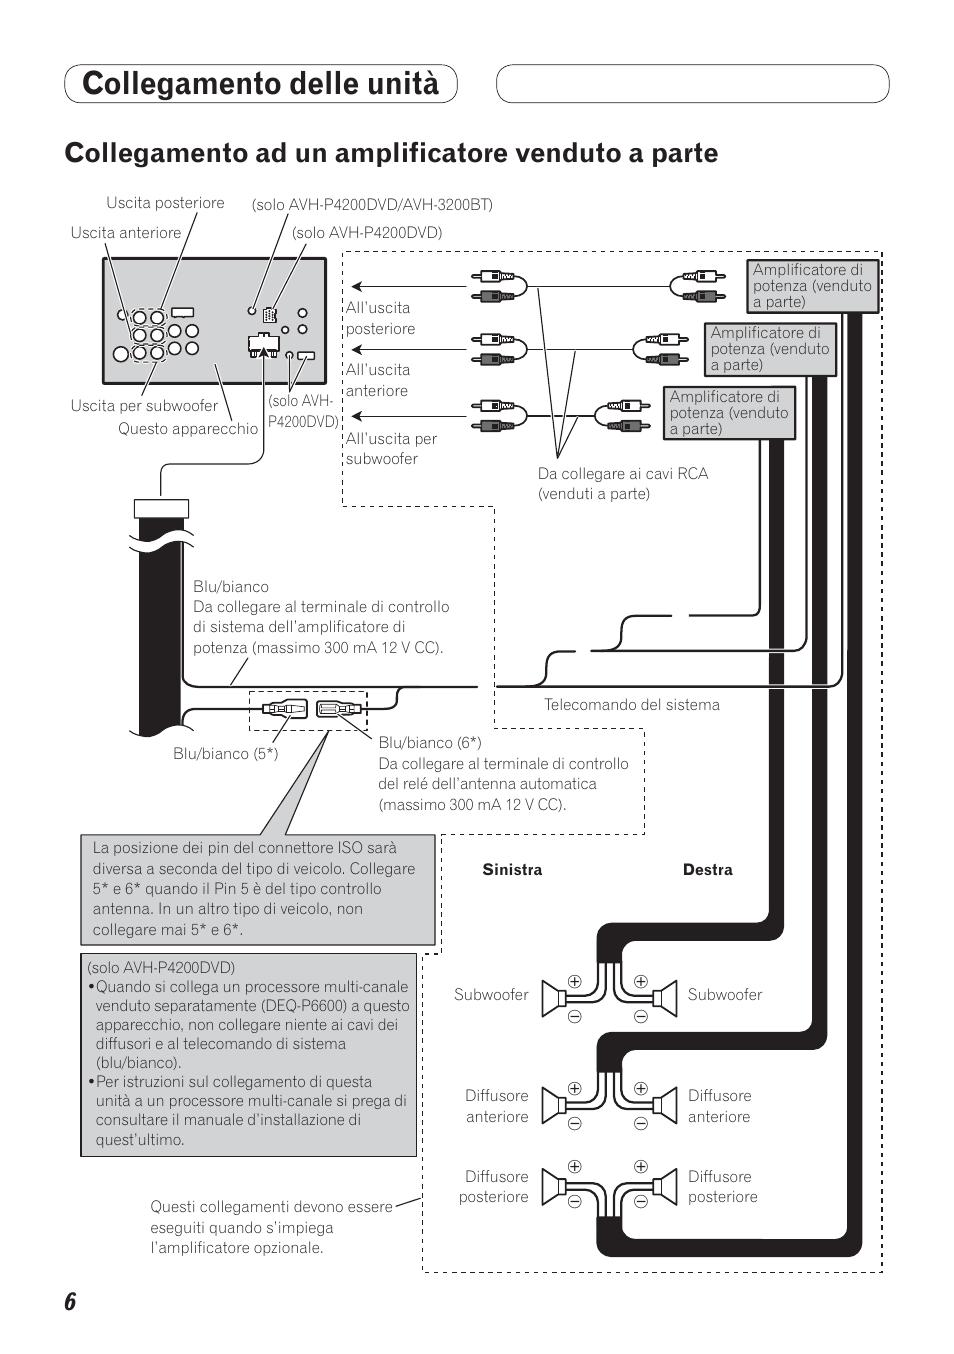 Collegamento ad un amplificatore venduto, Parte